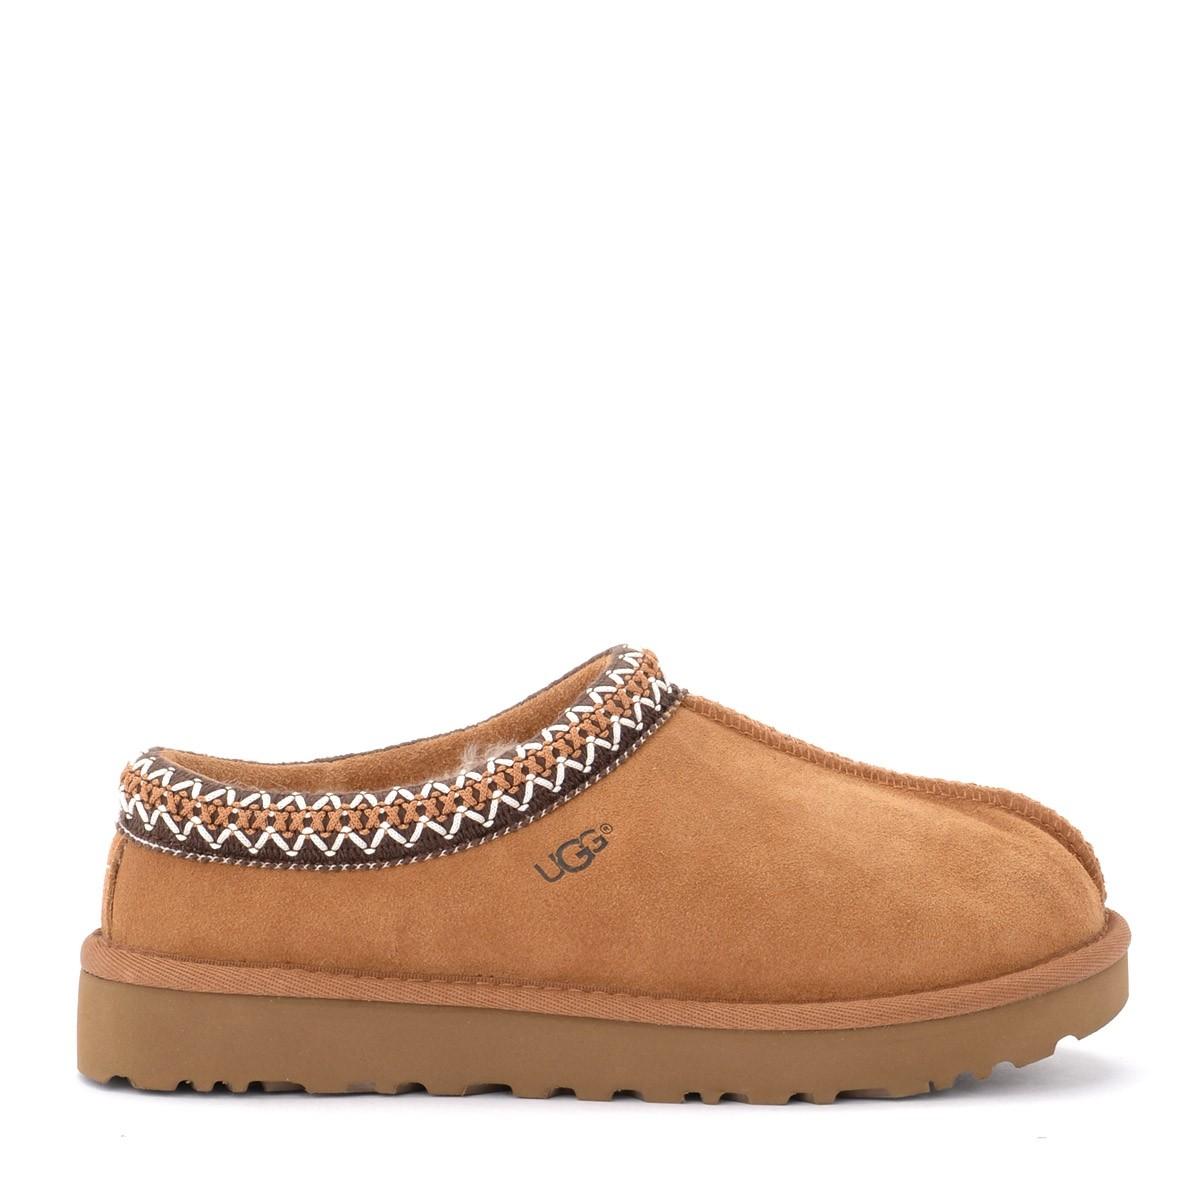 Ugg Tasman slipper in chestnut suede